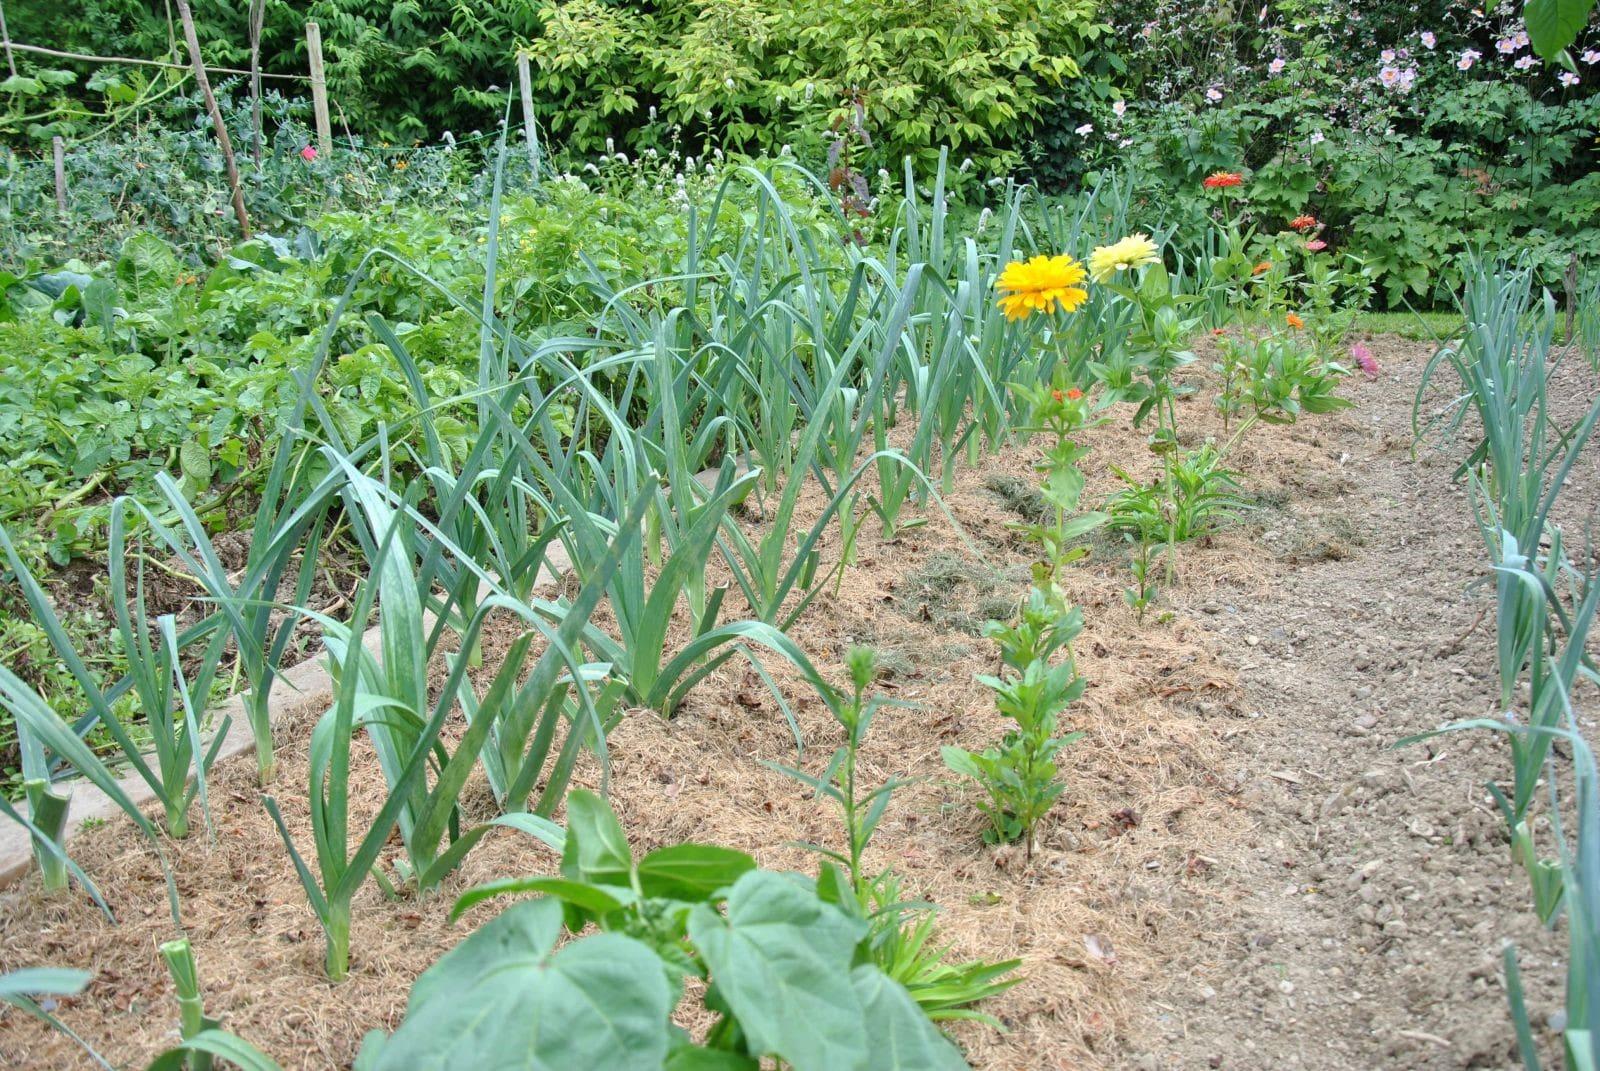 Plantes potagères recouvertes de paillage